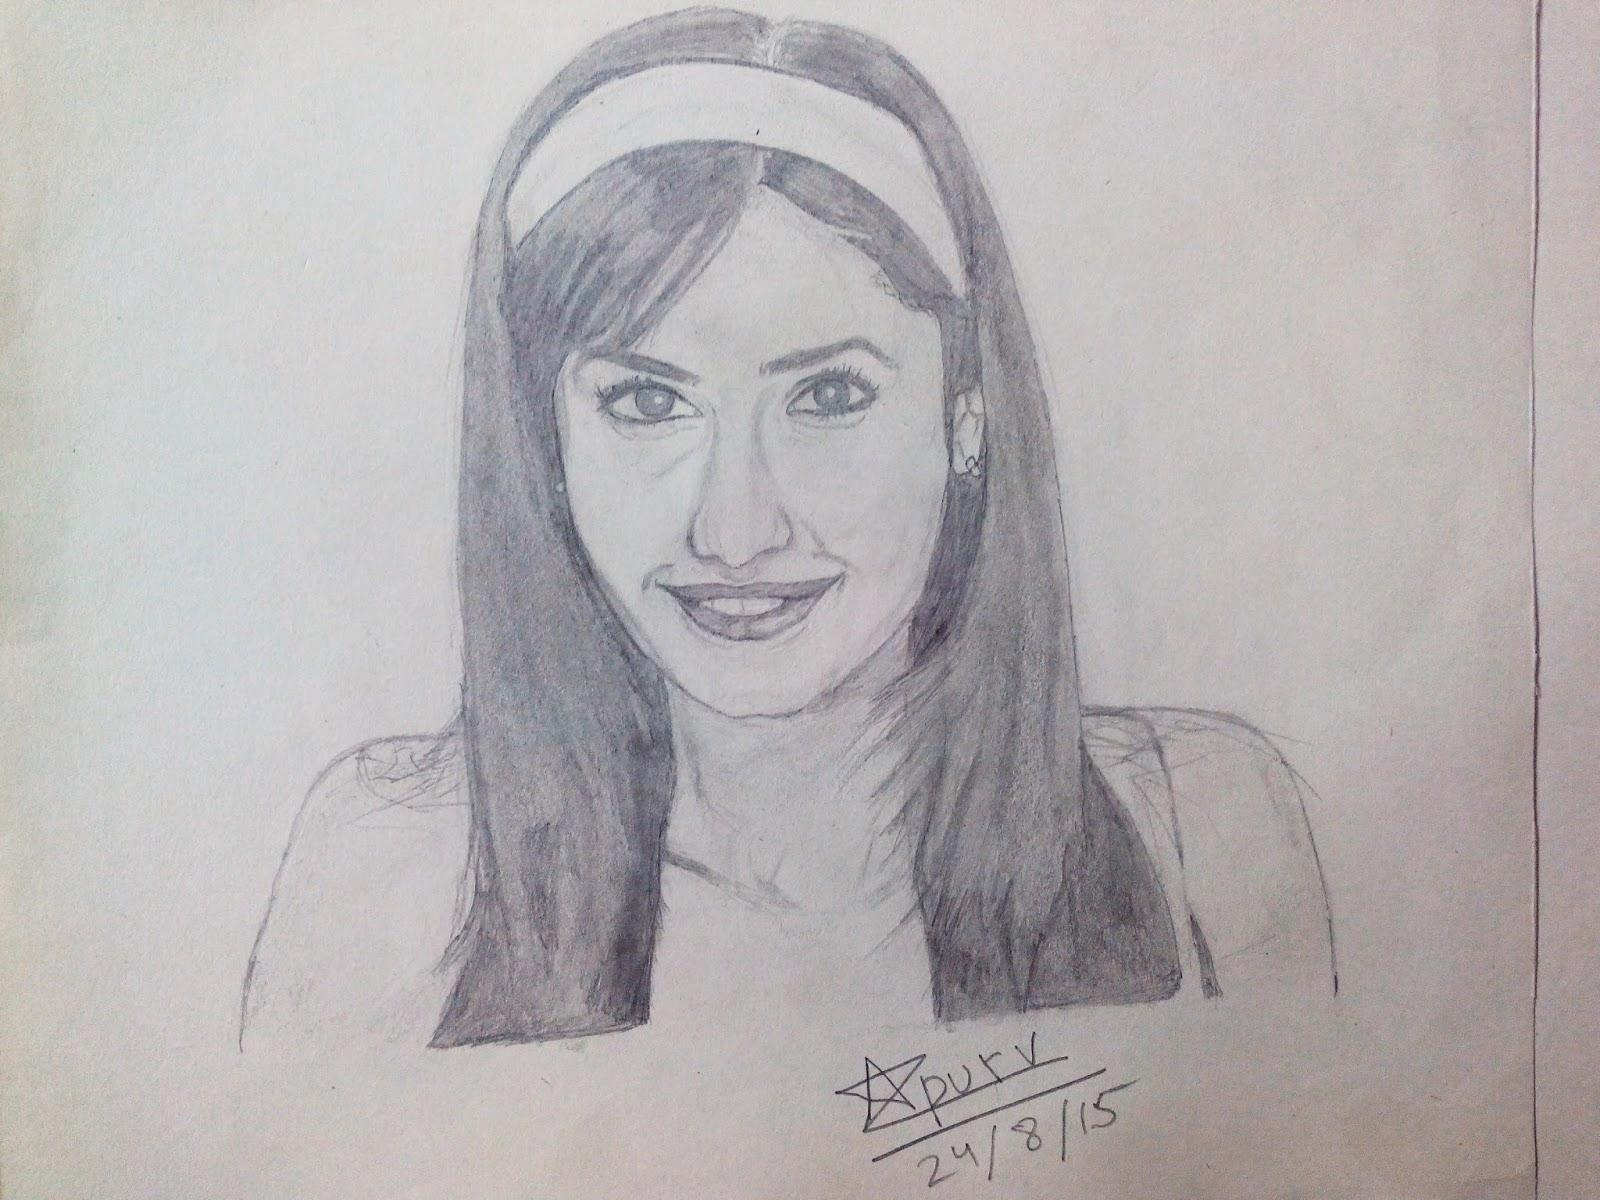 Katrina kaif sketch